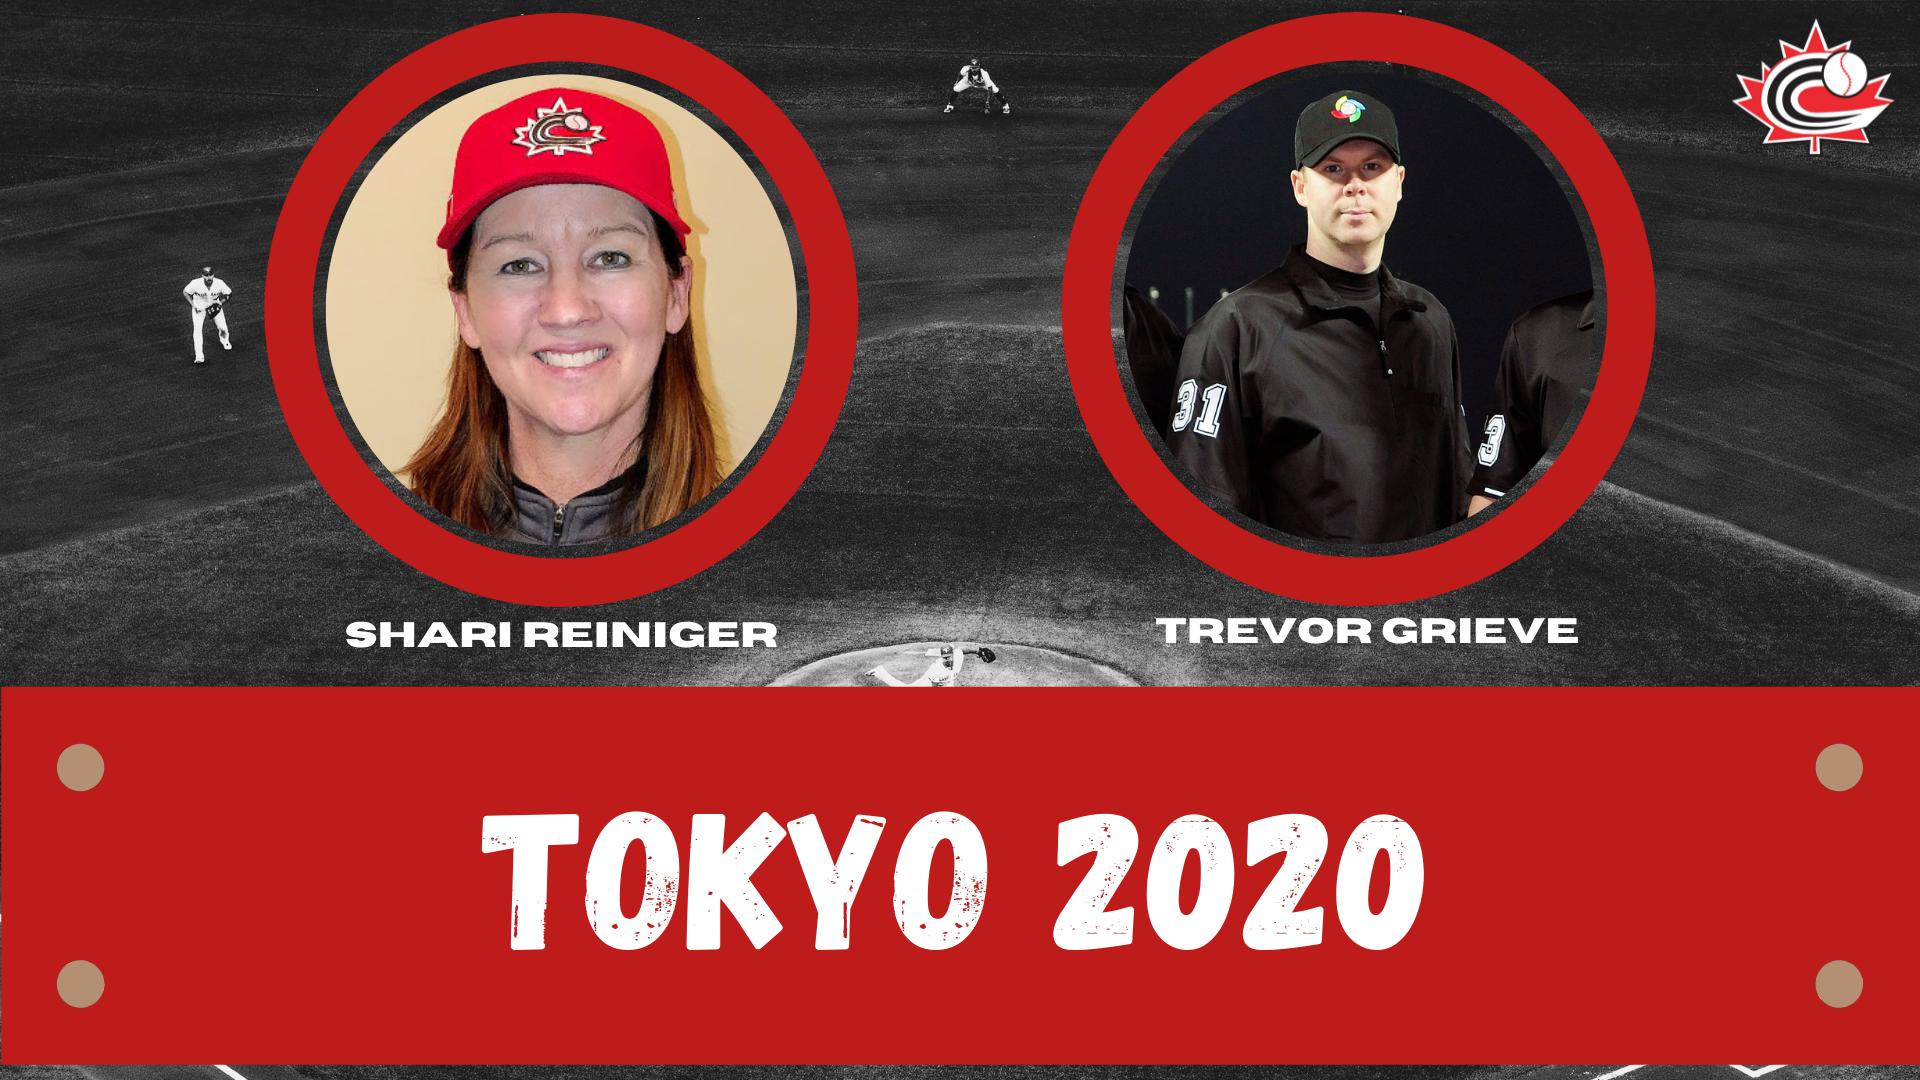 Tokyo 2020 'a dream come true' for Grieve and Reiniger